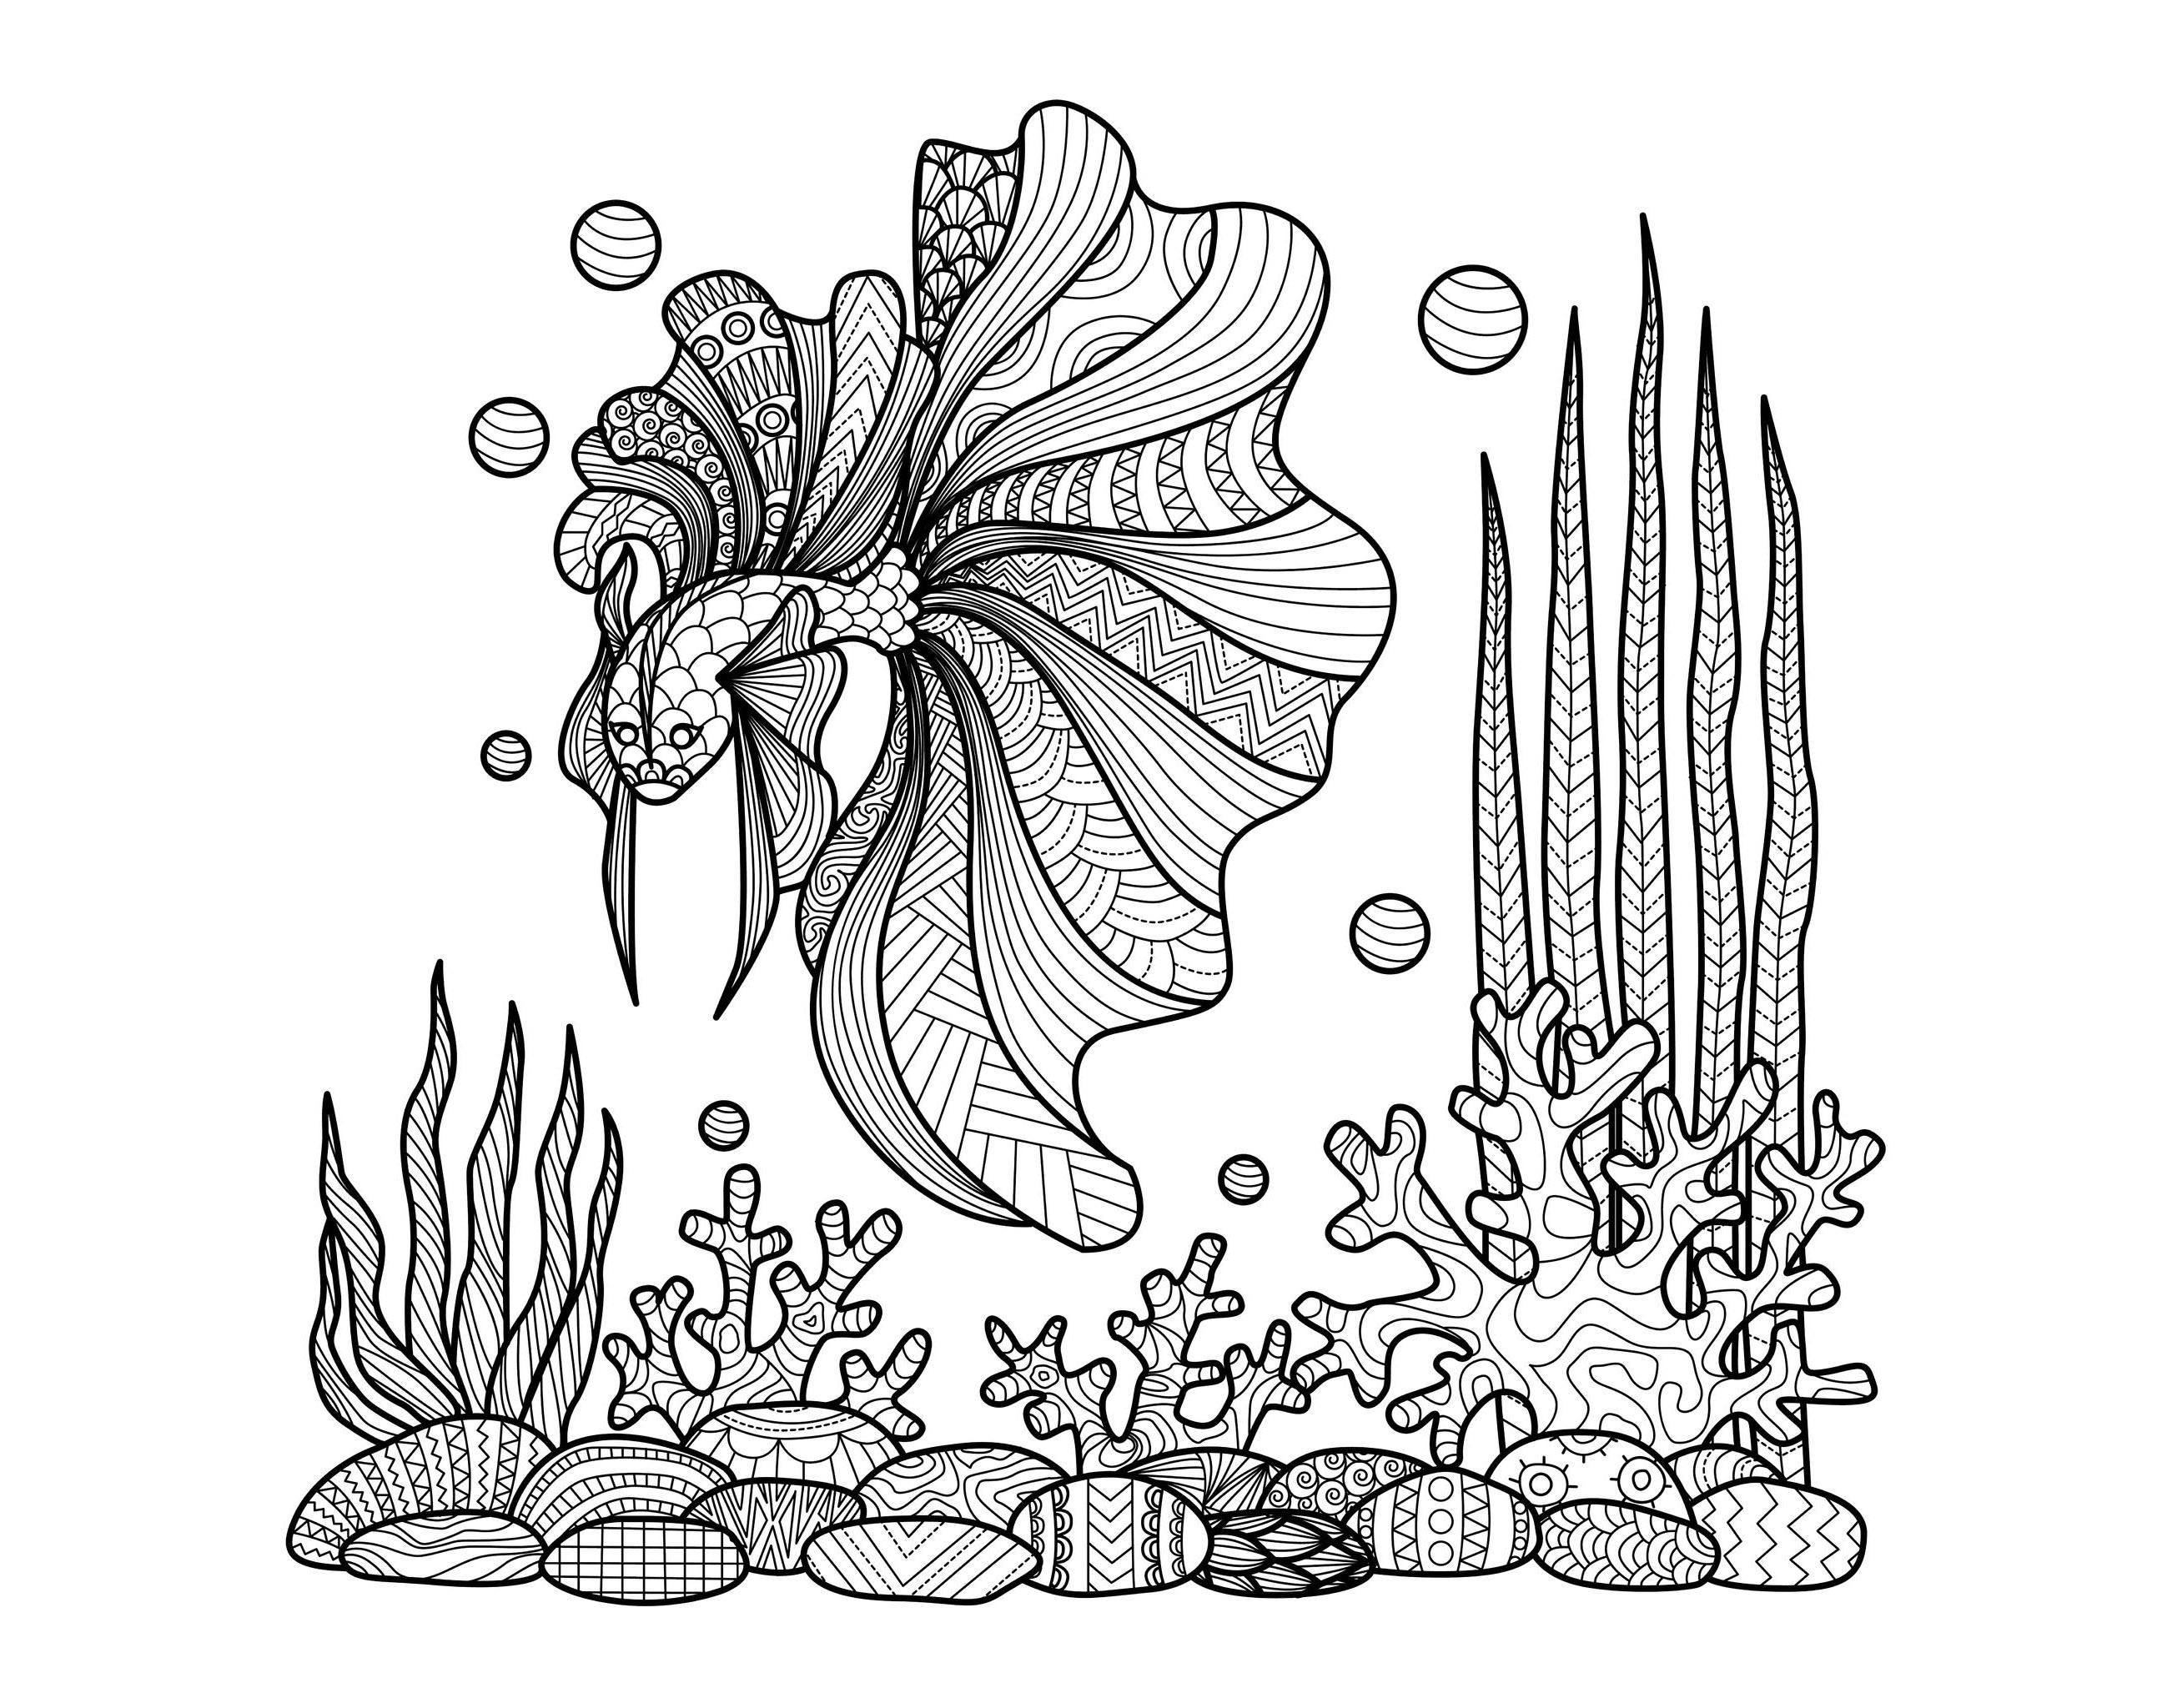 Dessin style Zentangle d'un poisson nageant au dessus de coraux, par Bimdeedee | A partir de la galerie : Zentangle | Artiste : Bimdeedee | Source :  123rf